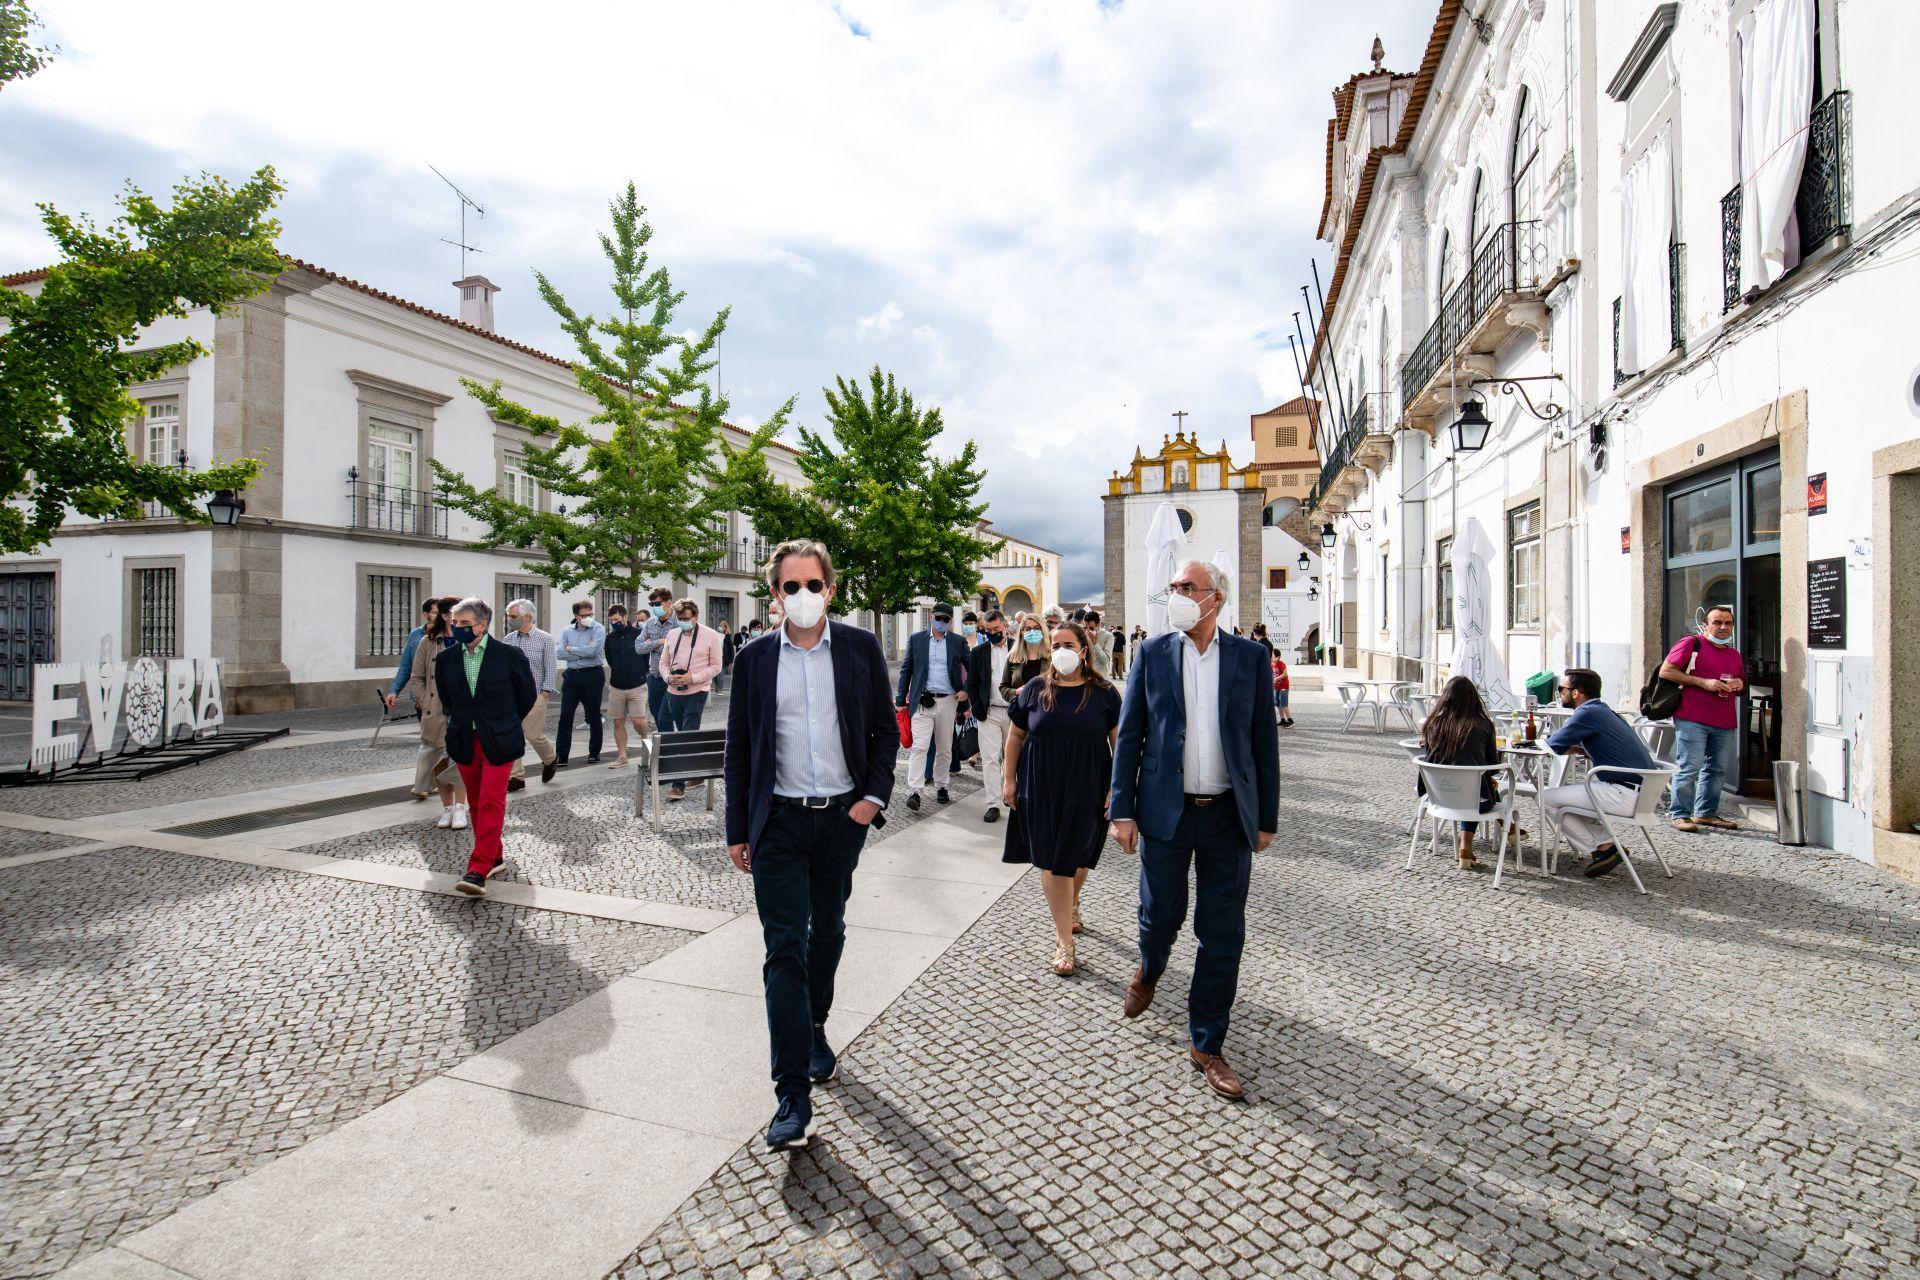 Comité de Representantes Permanentes dos Governos dos Estados-Membros da União Europeia recebido em Évora